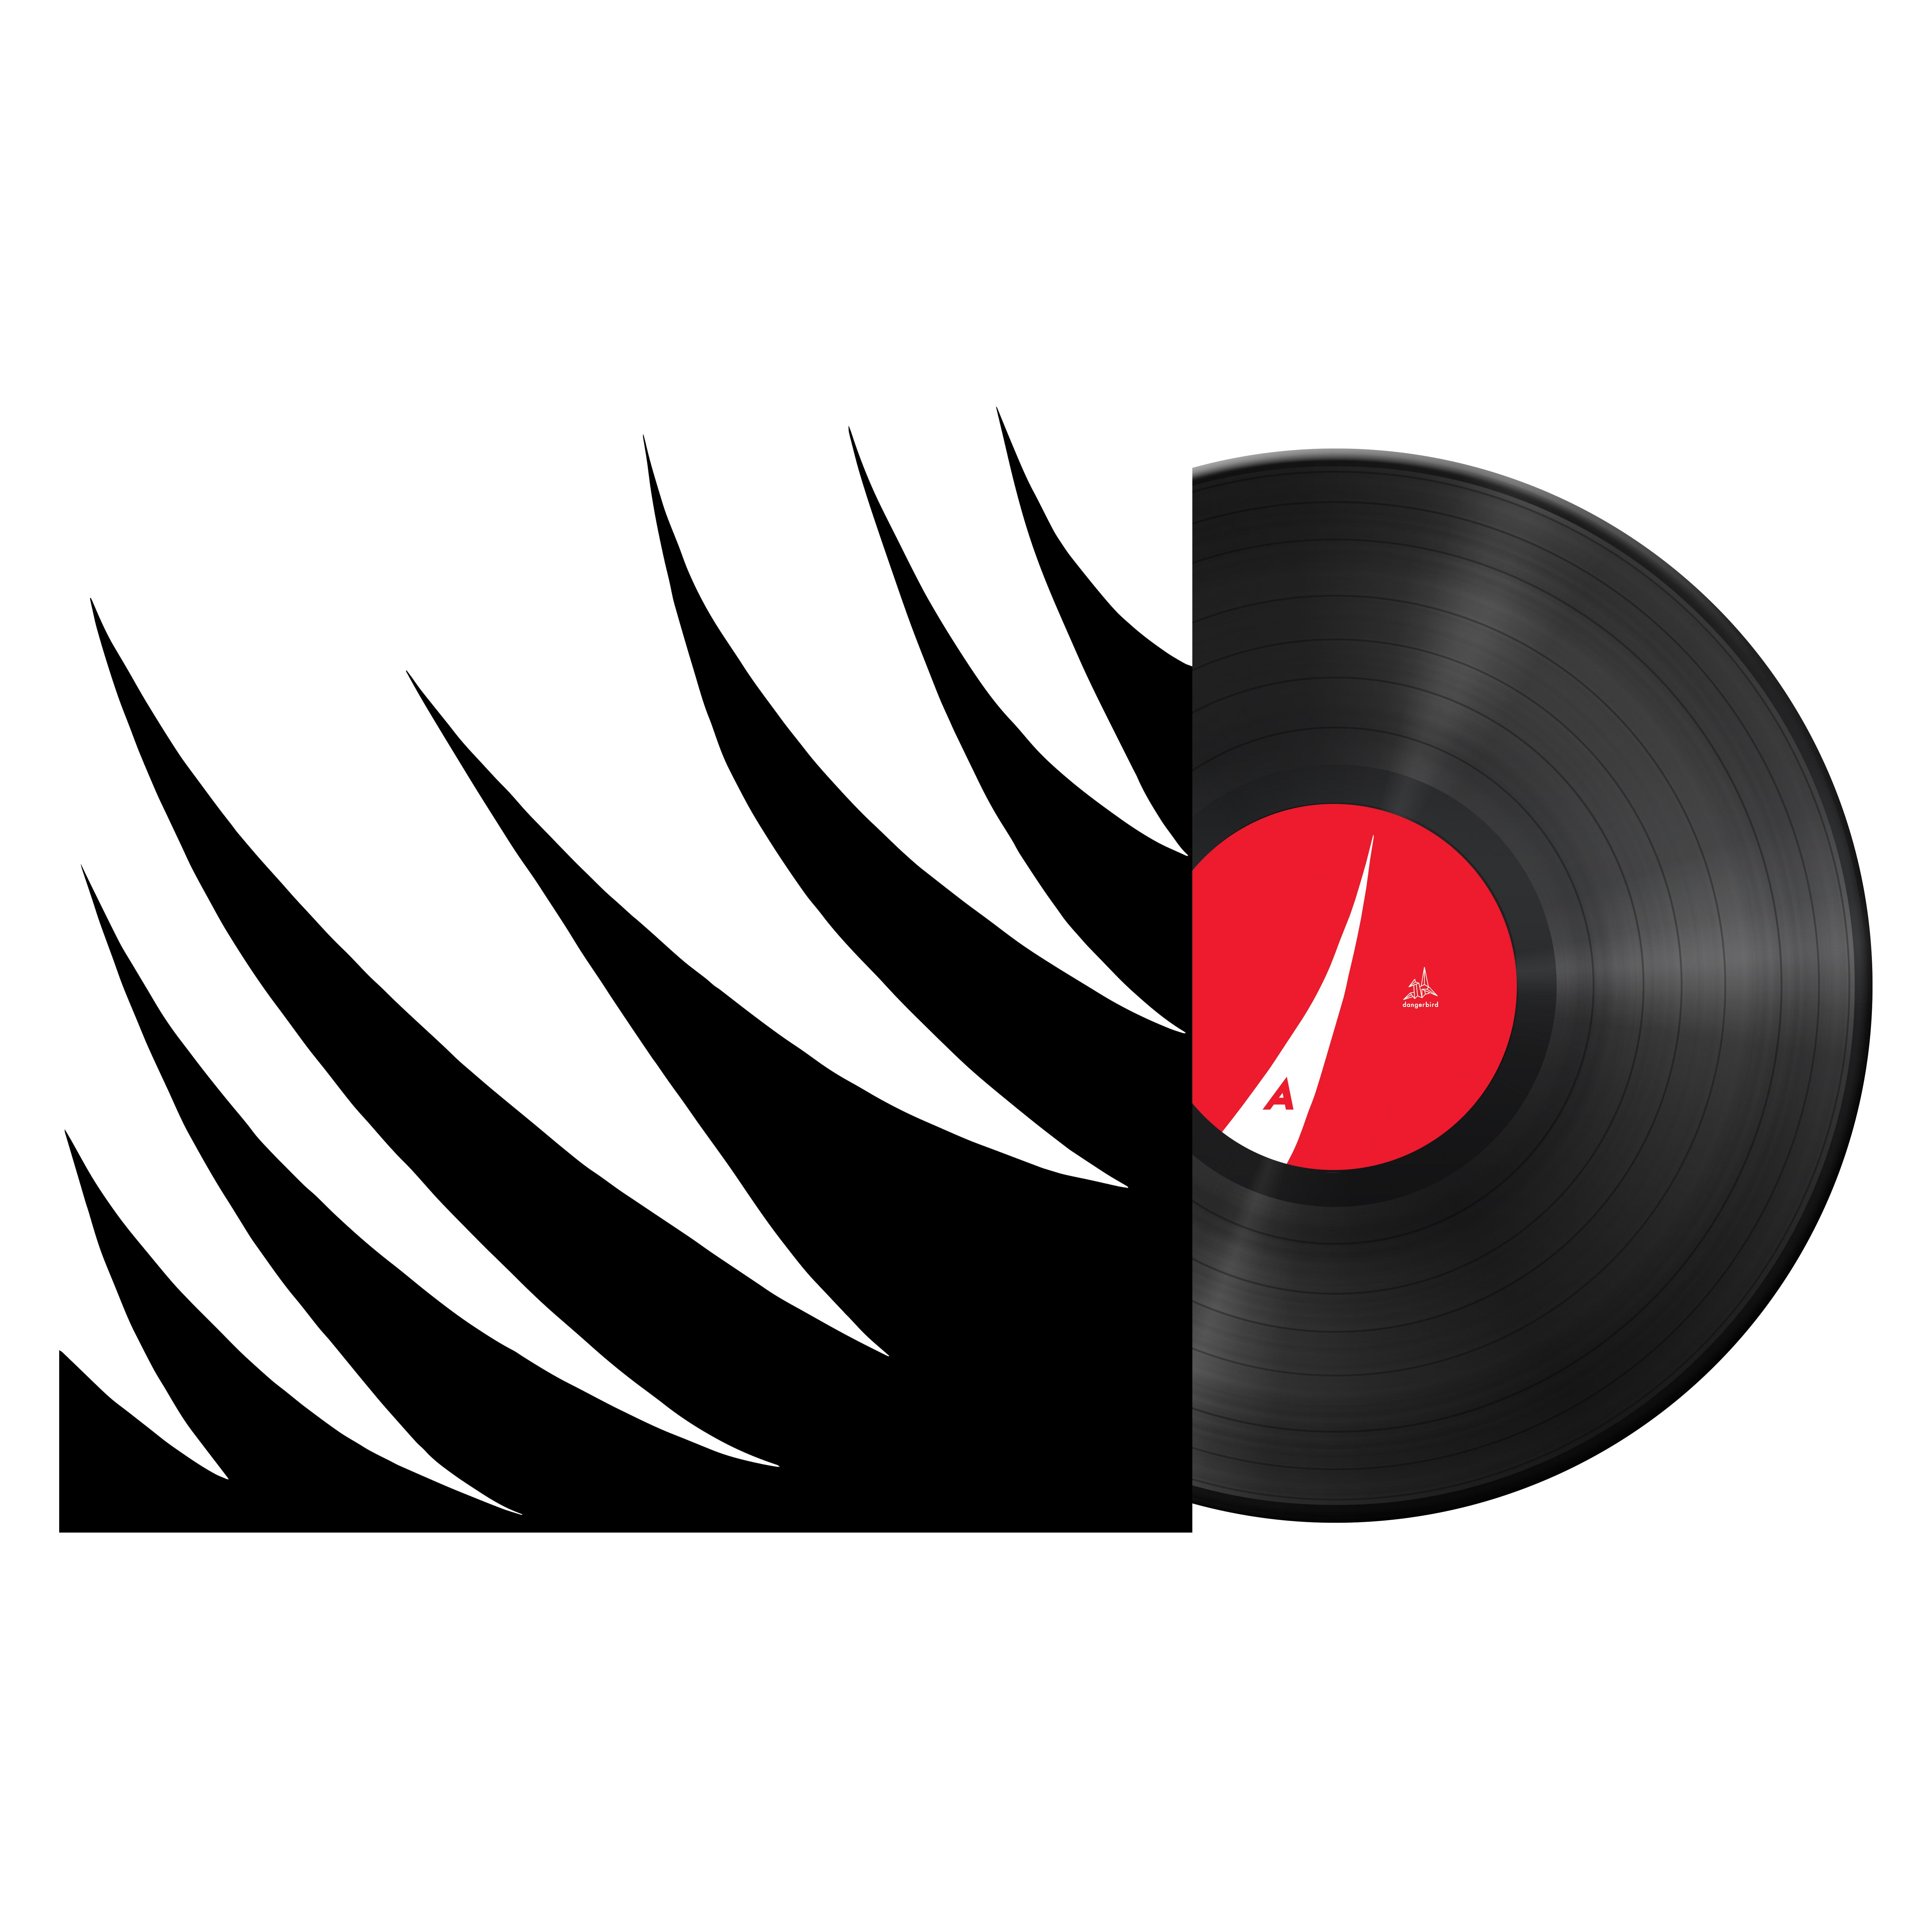 Arthur King & The Night Sea - Palmetto - Black Vinyl LP